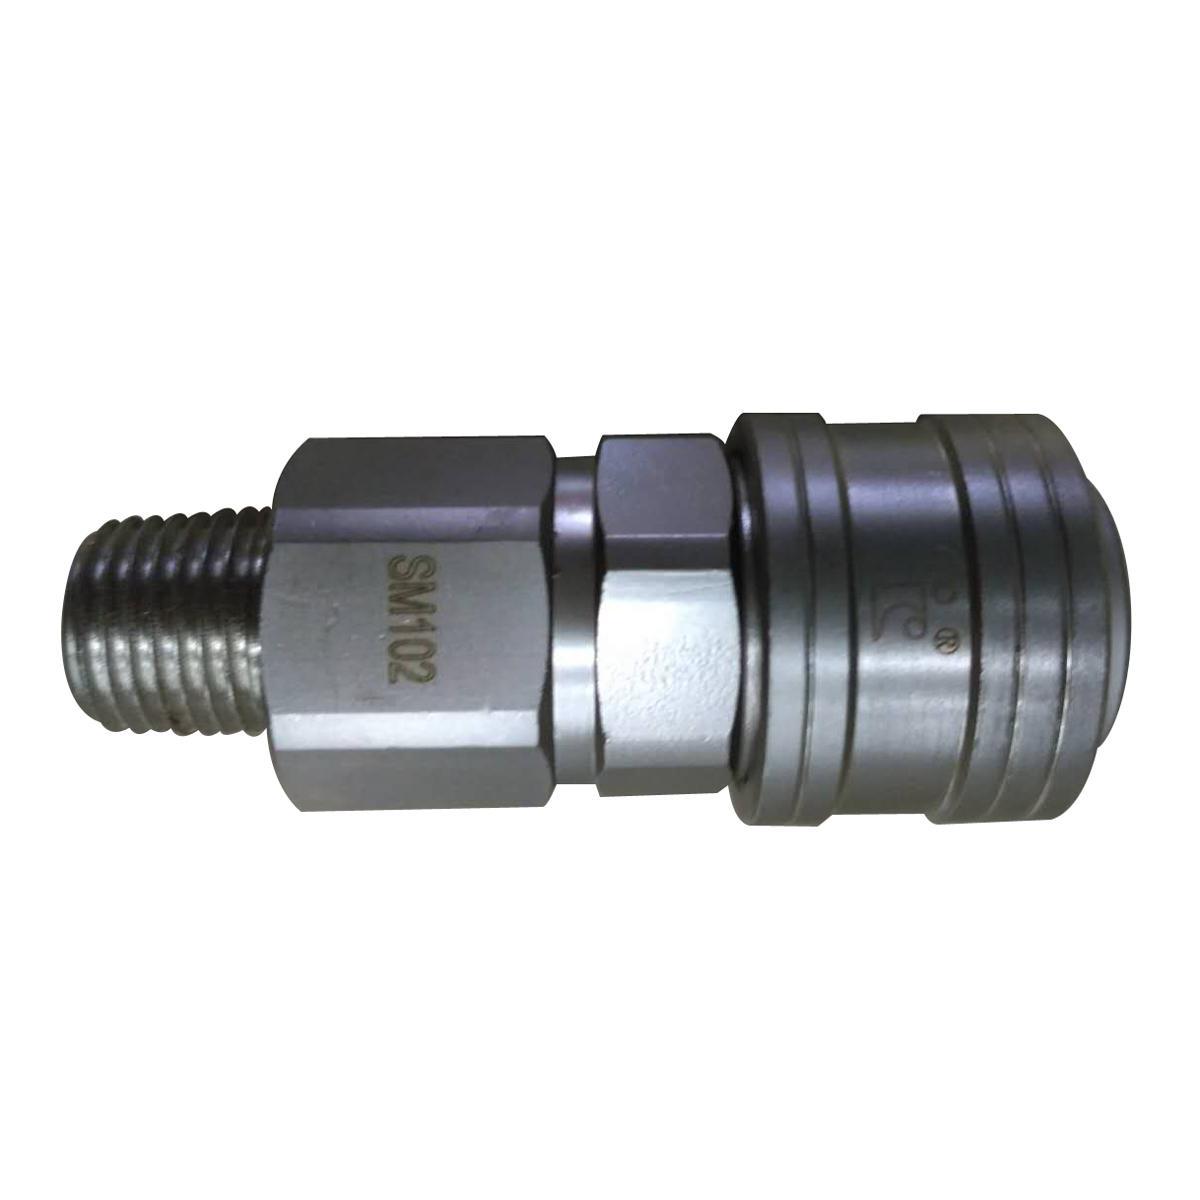 盈科INCO外牙插座,PT1/2,10个/盒,SM104